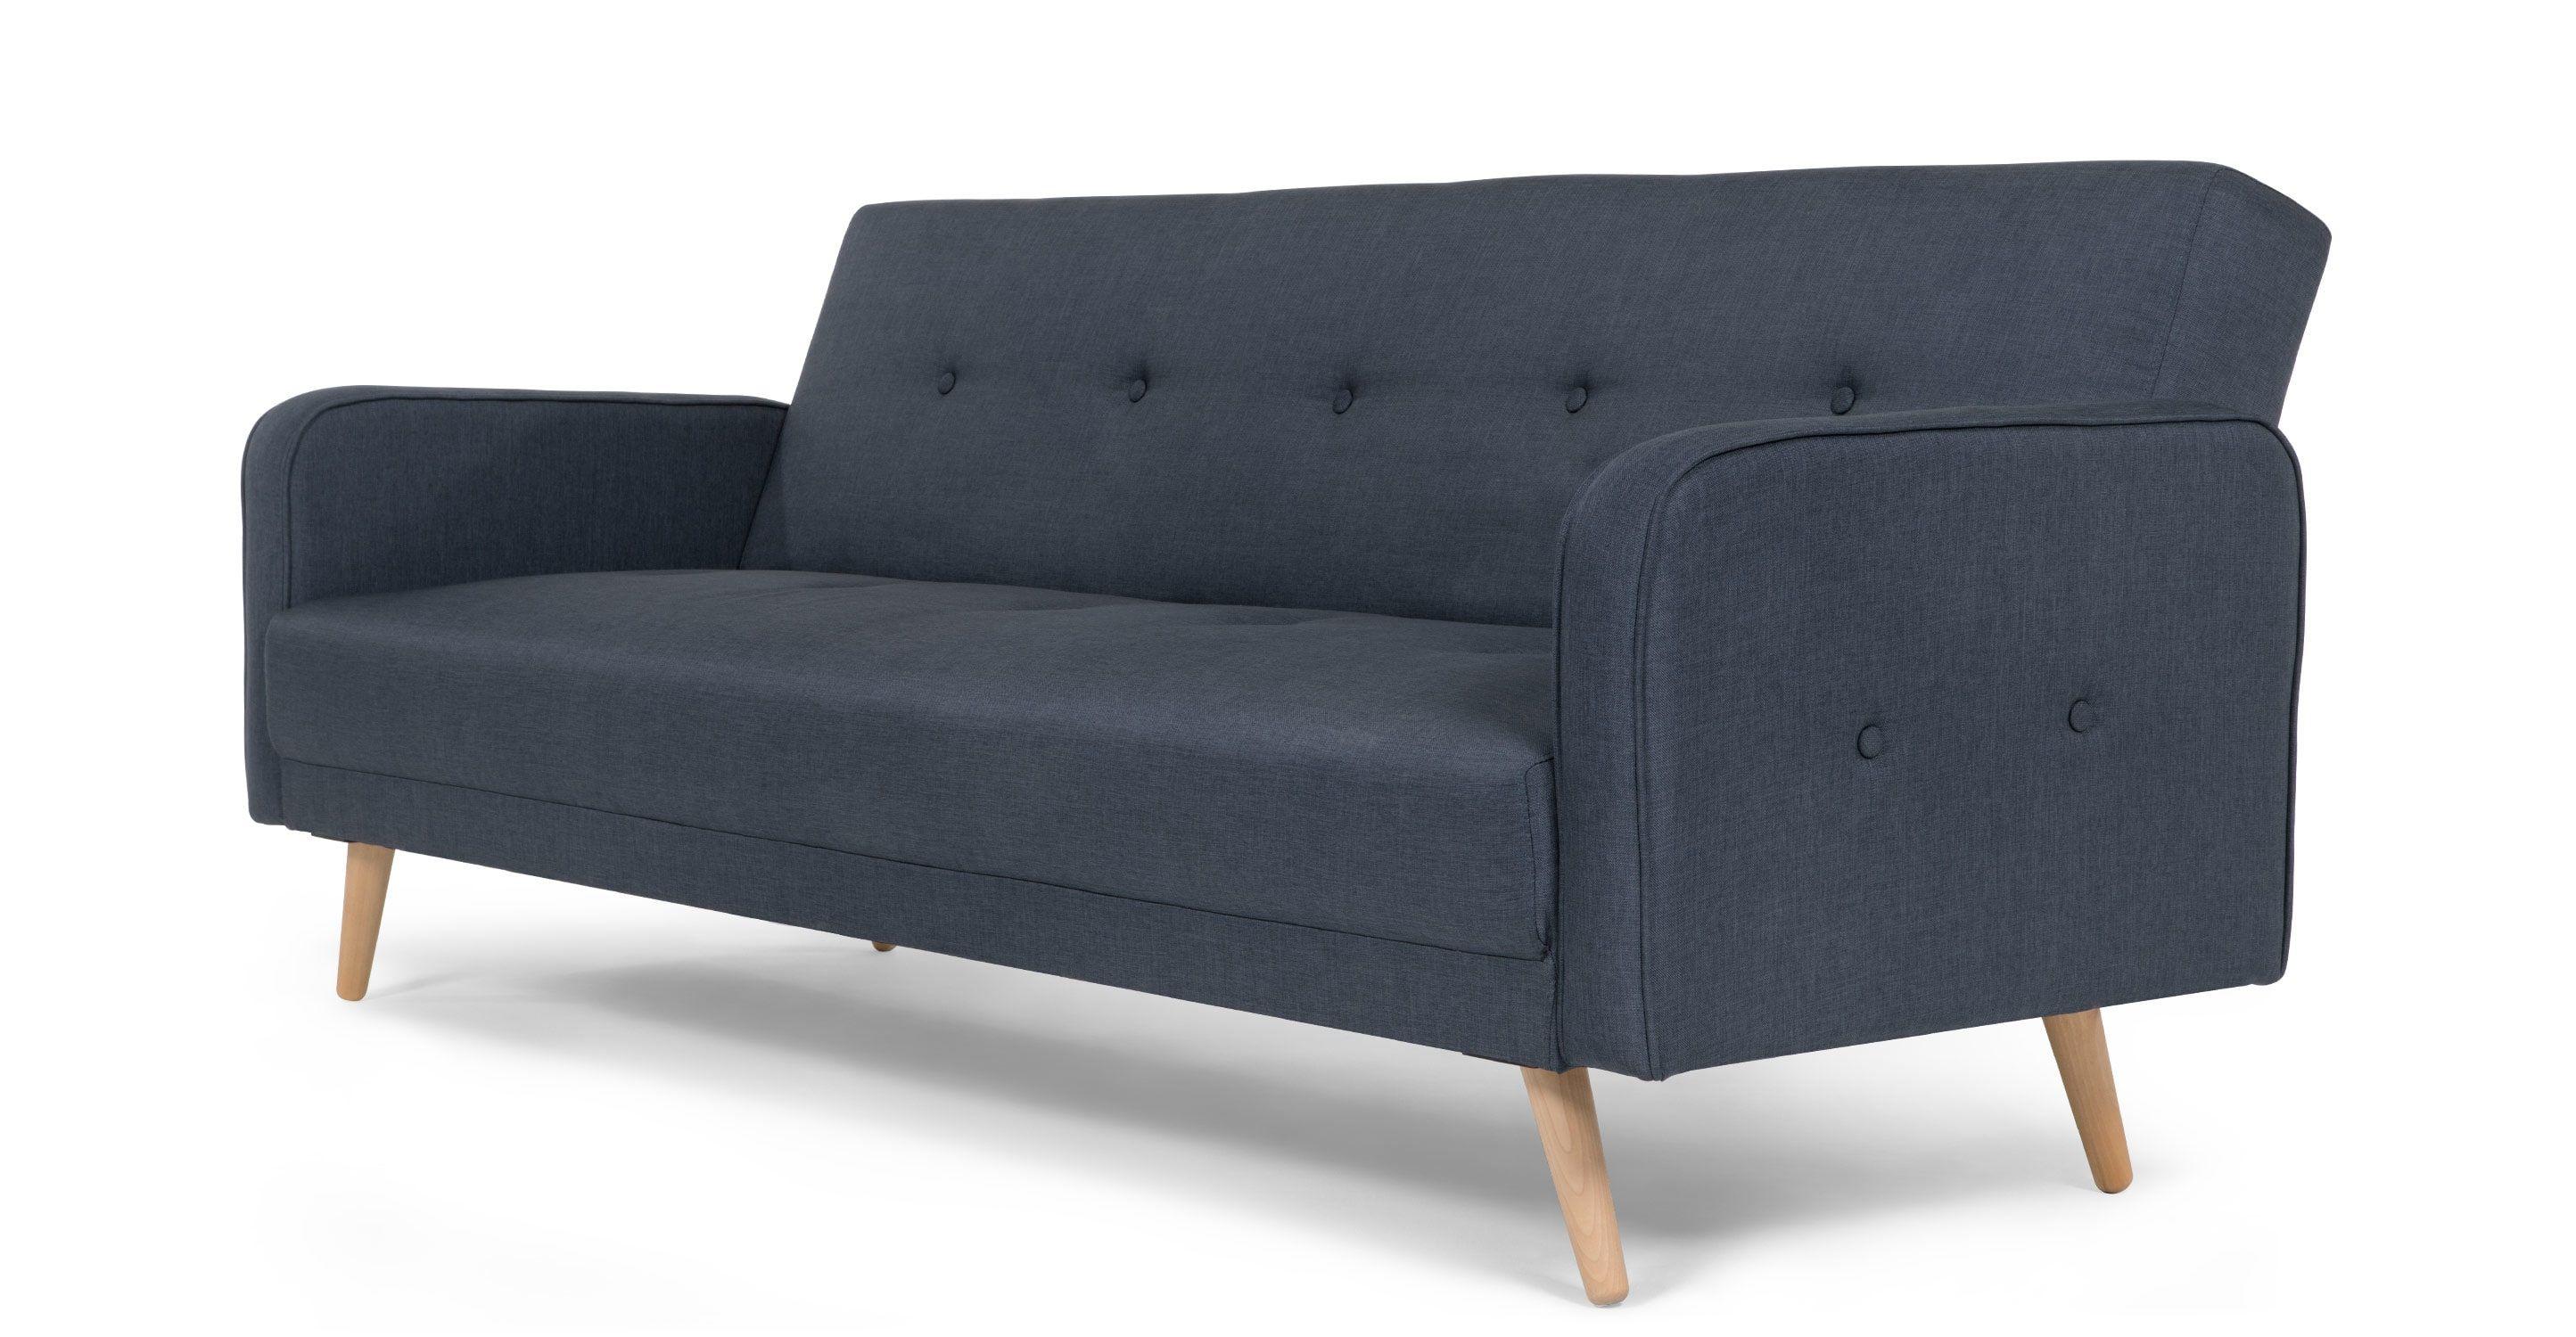 o 3 seat sofa in fabric dark grey Habitat